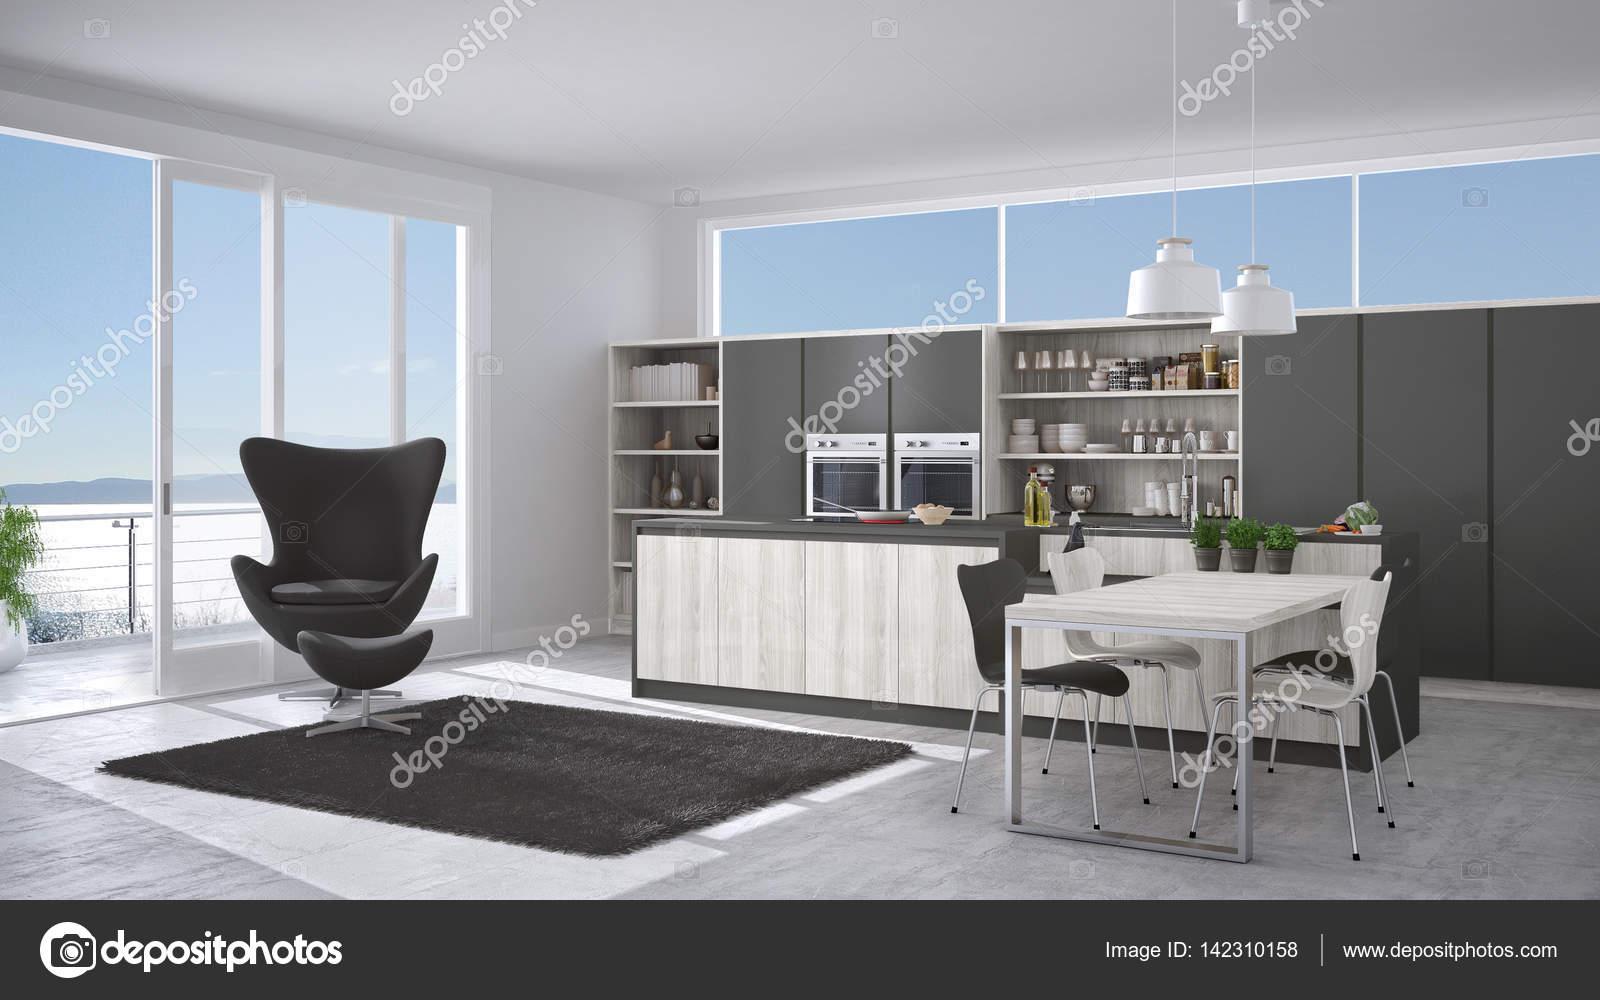 Cozinha Moderna Branca E Cinza Com Detalhes Em Madeira Janela